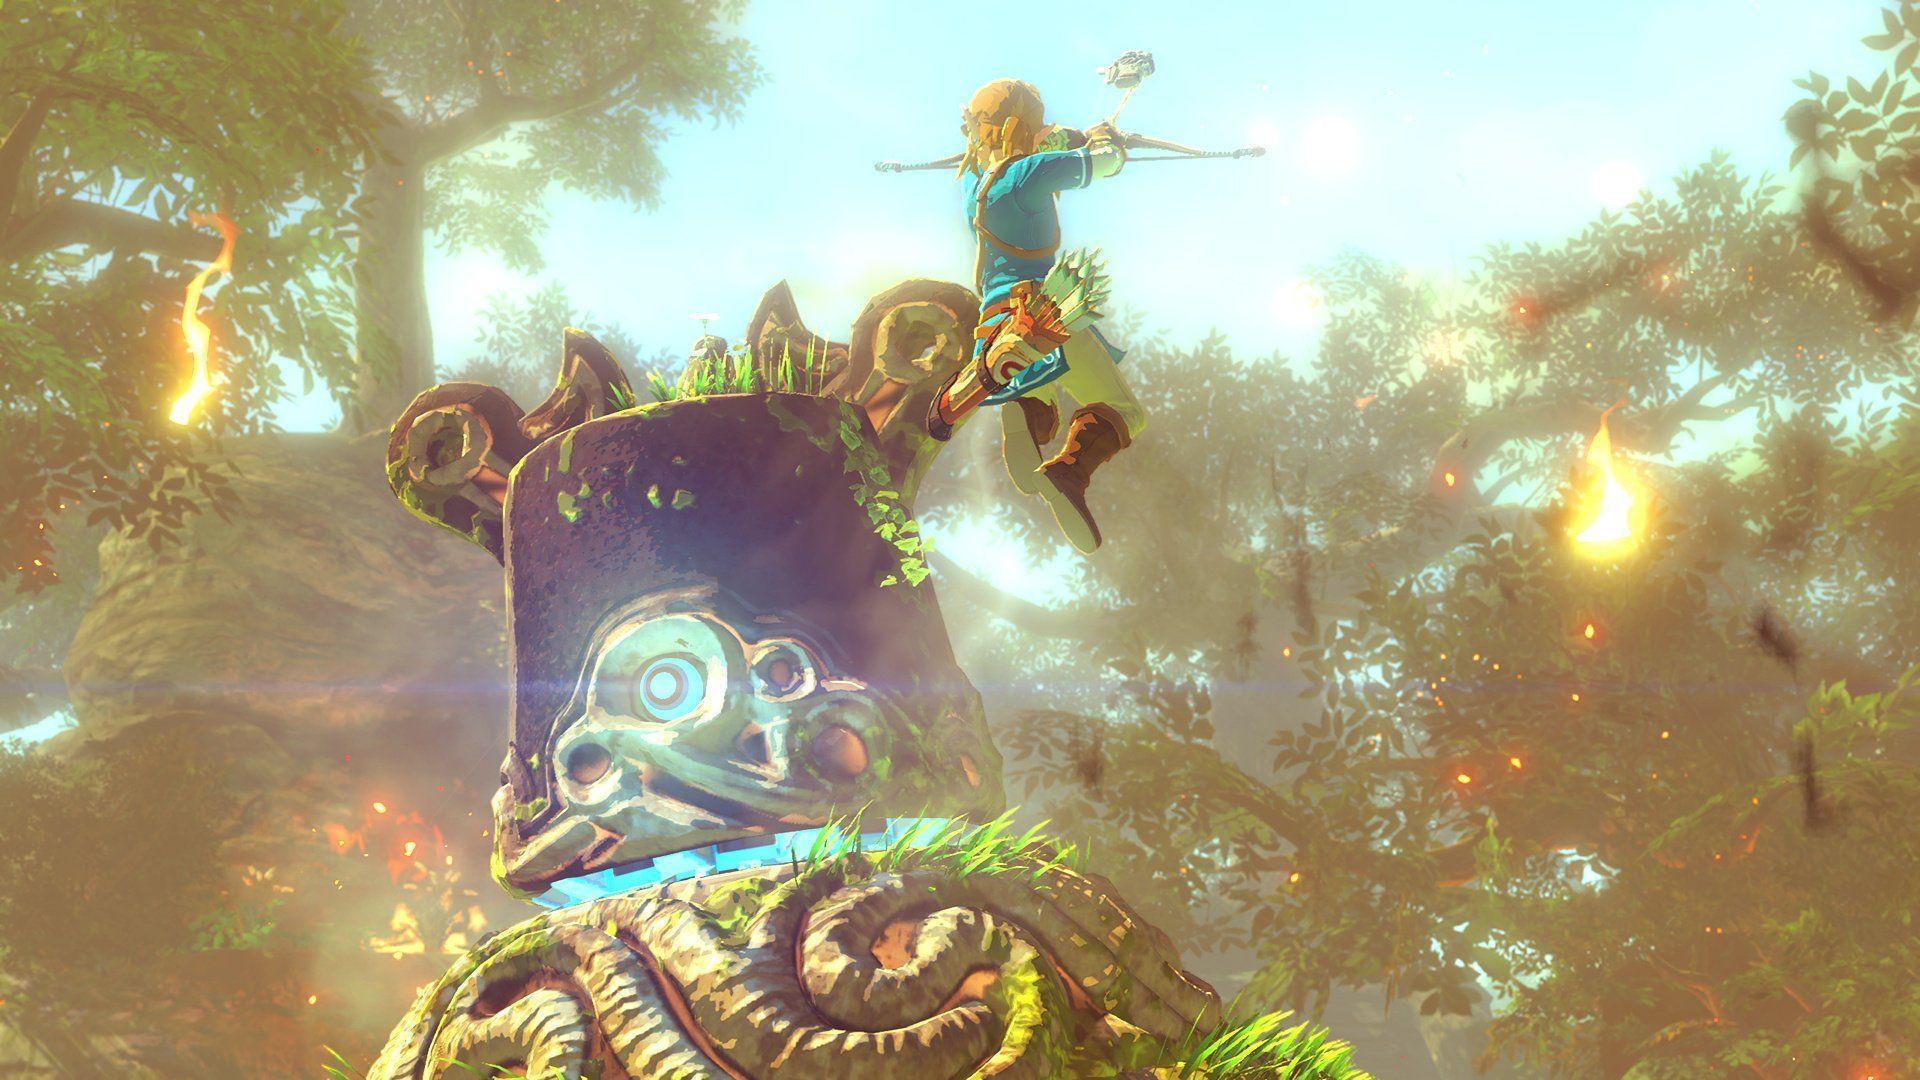 Zelda pictures